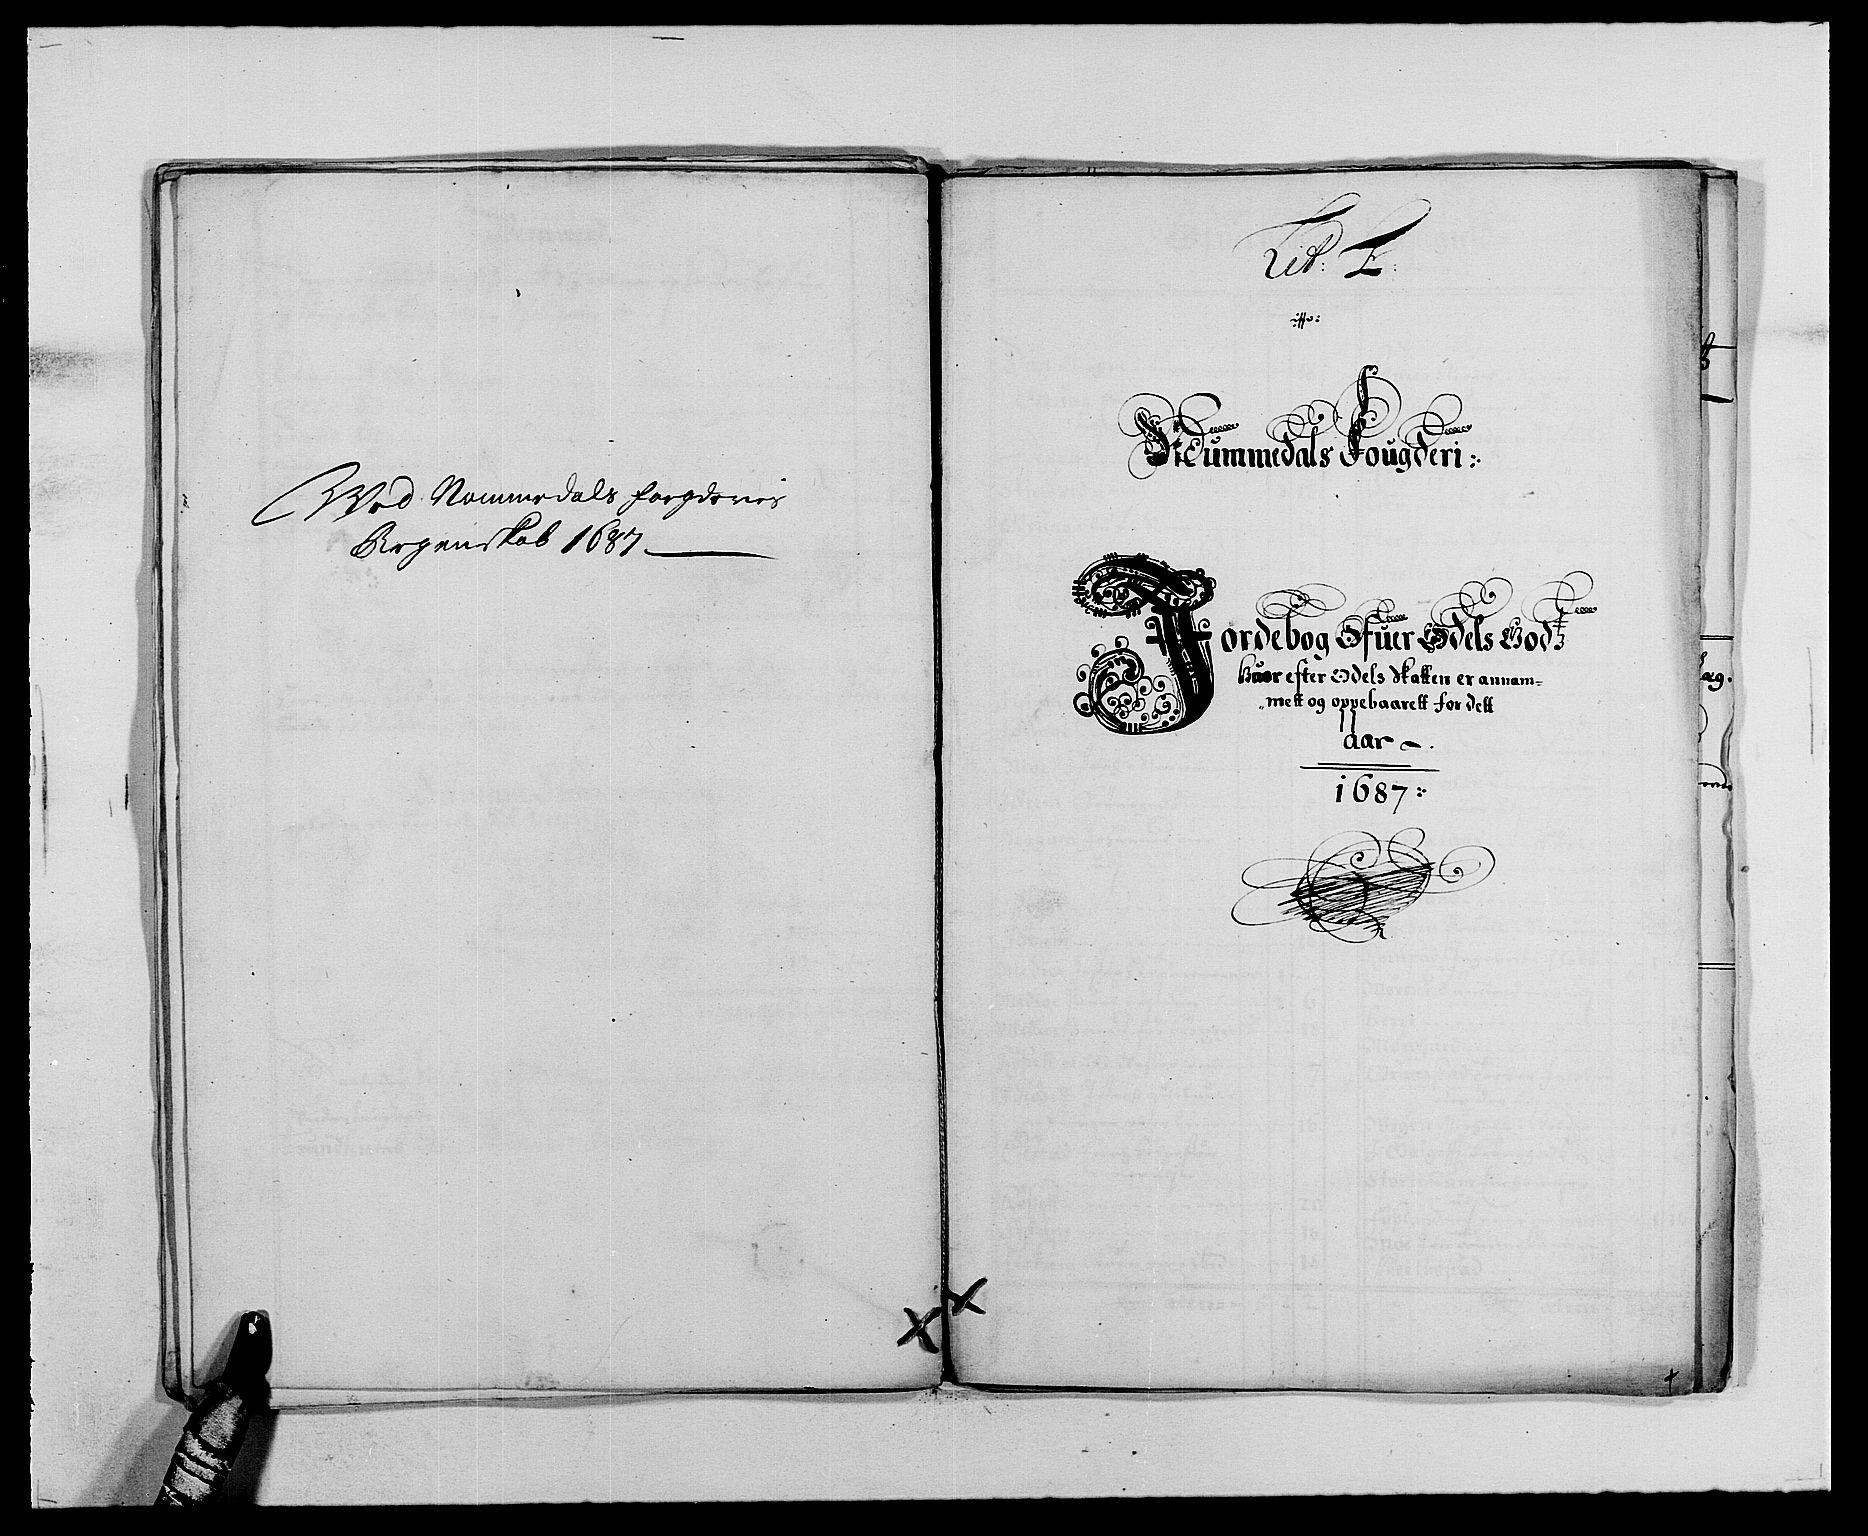 RA, Rentekammeret inntil 1814, Reviderte regnskaper, Fogderegnskap, R64/L4422: Fogderegnskap Namdal, 1687-1689, s. 21